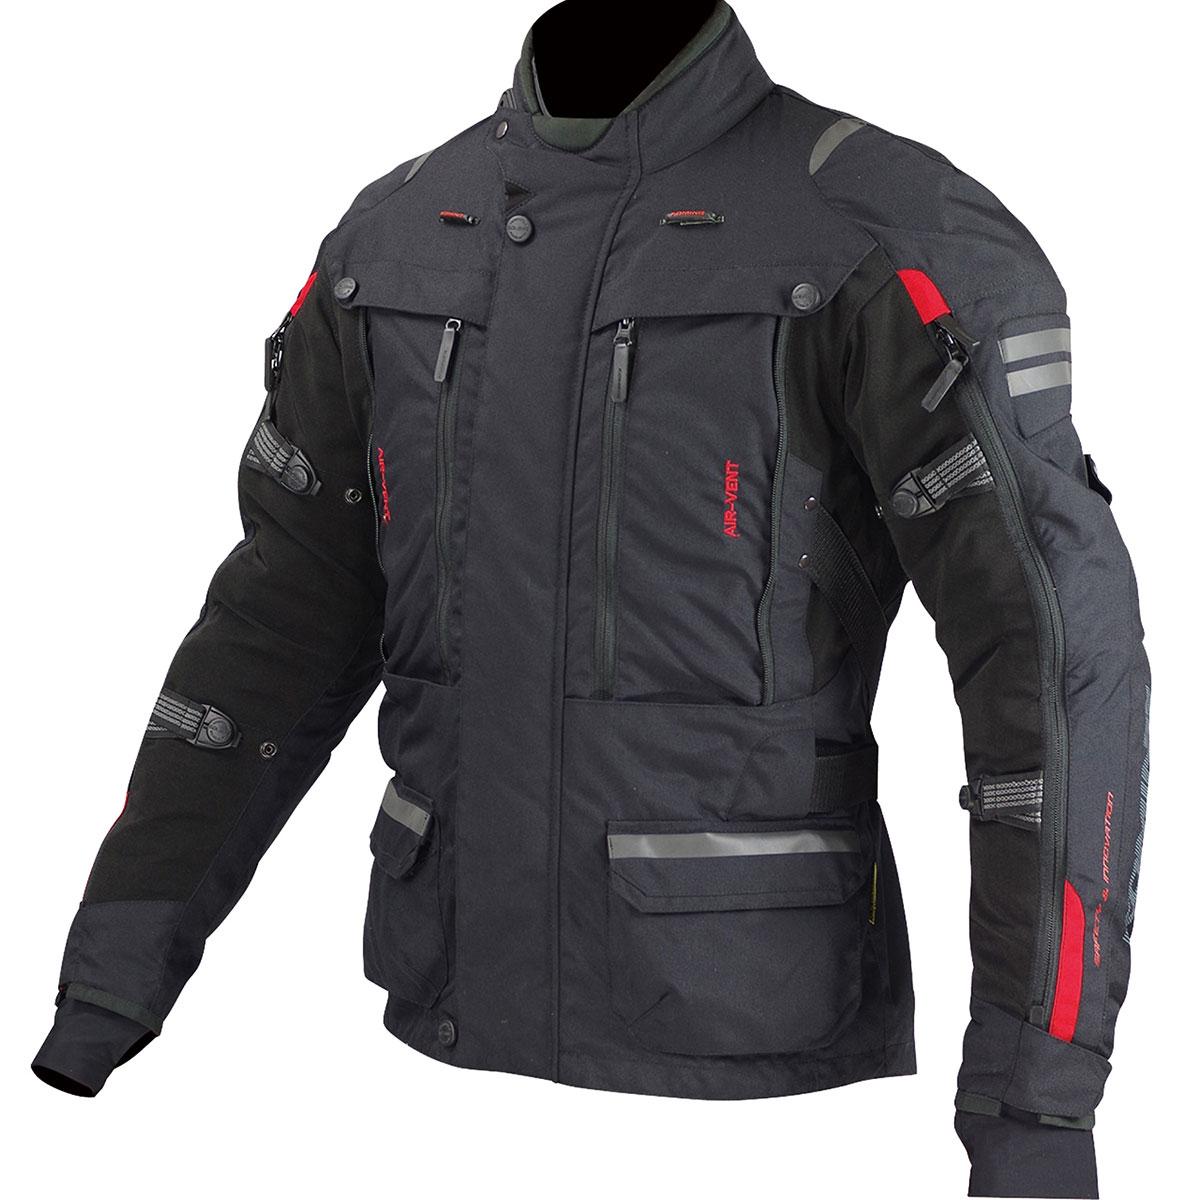 バイクウェア・プロテクター, ジャケット  (Komine) Jacket JK-574 - M 07-574BKM